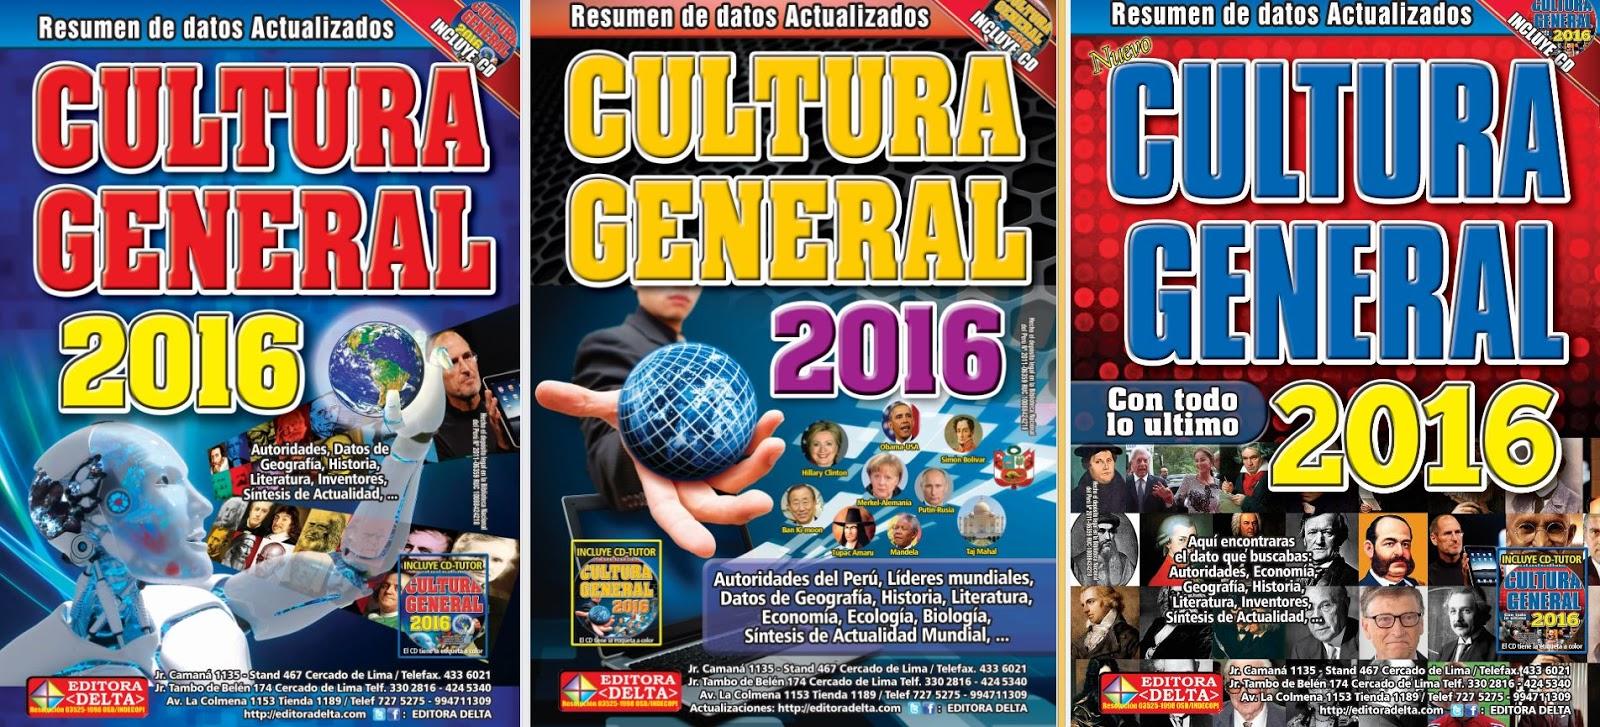 Preguntas De Examenes De Admision Cultura | MEJOR CONJUNTO DE FRASES